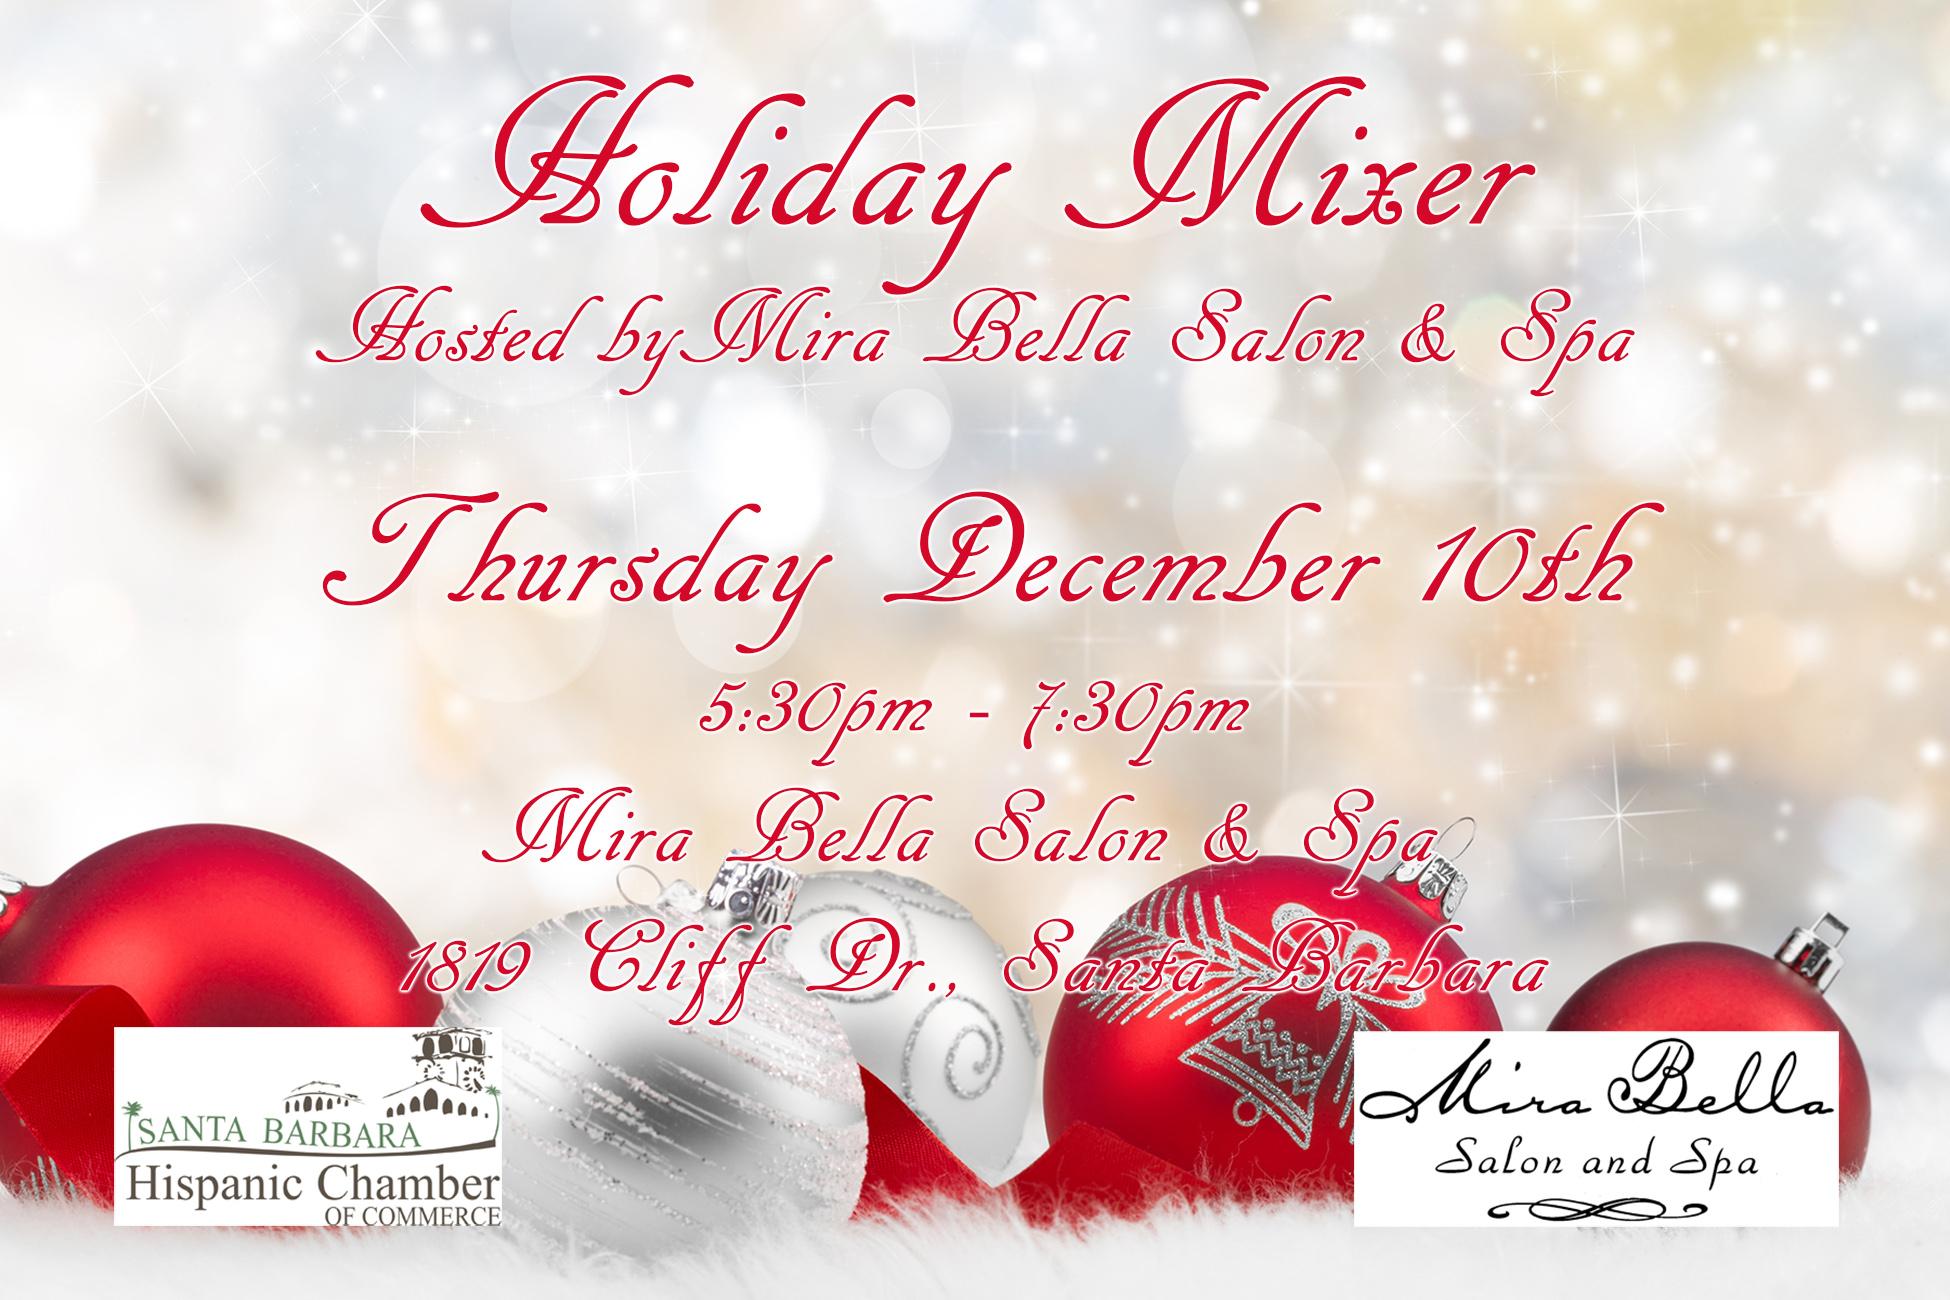 Holiday_Mixer_2015.jpg